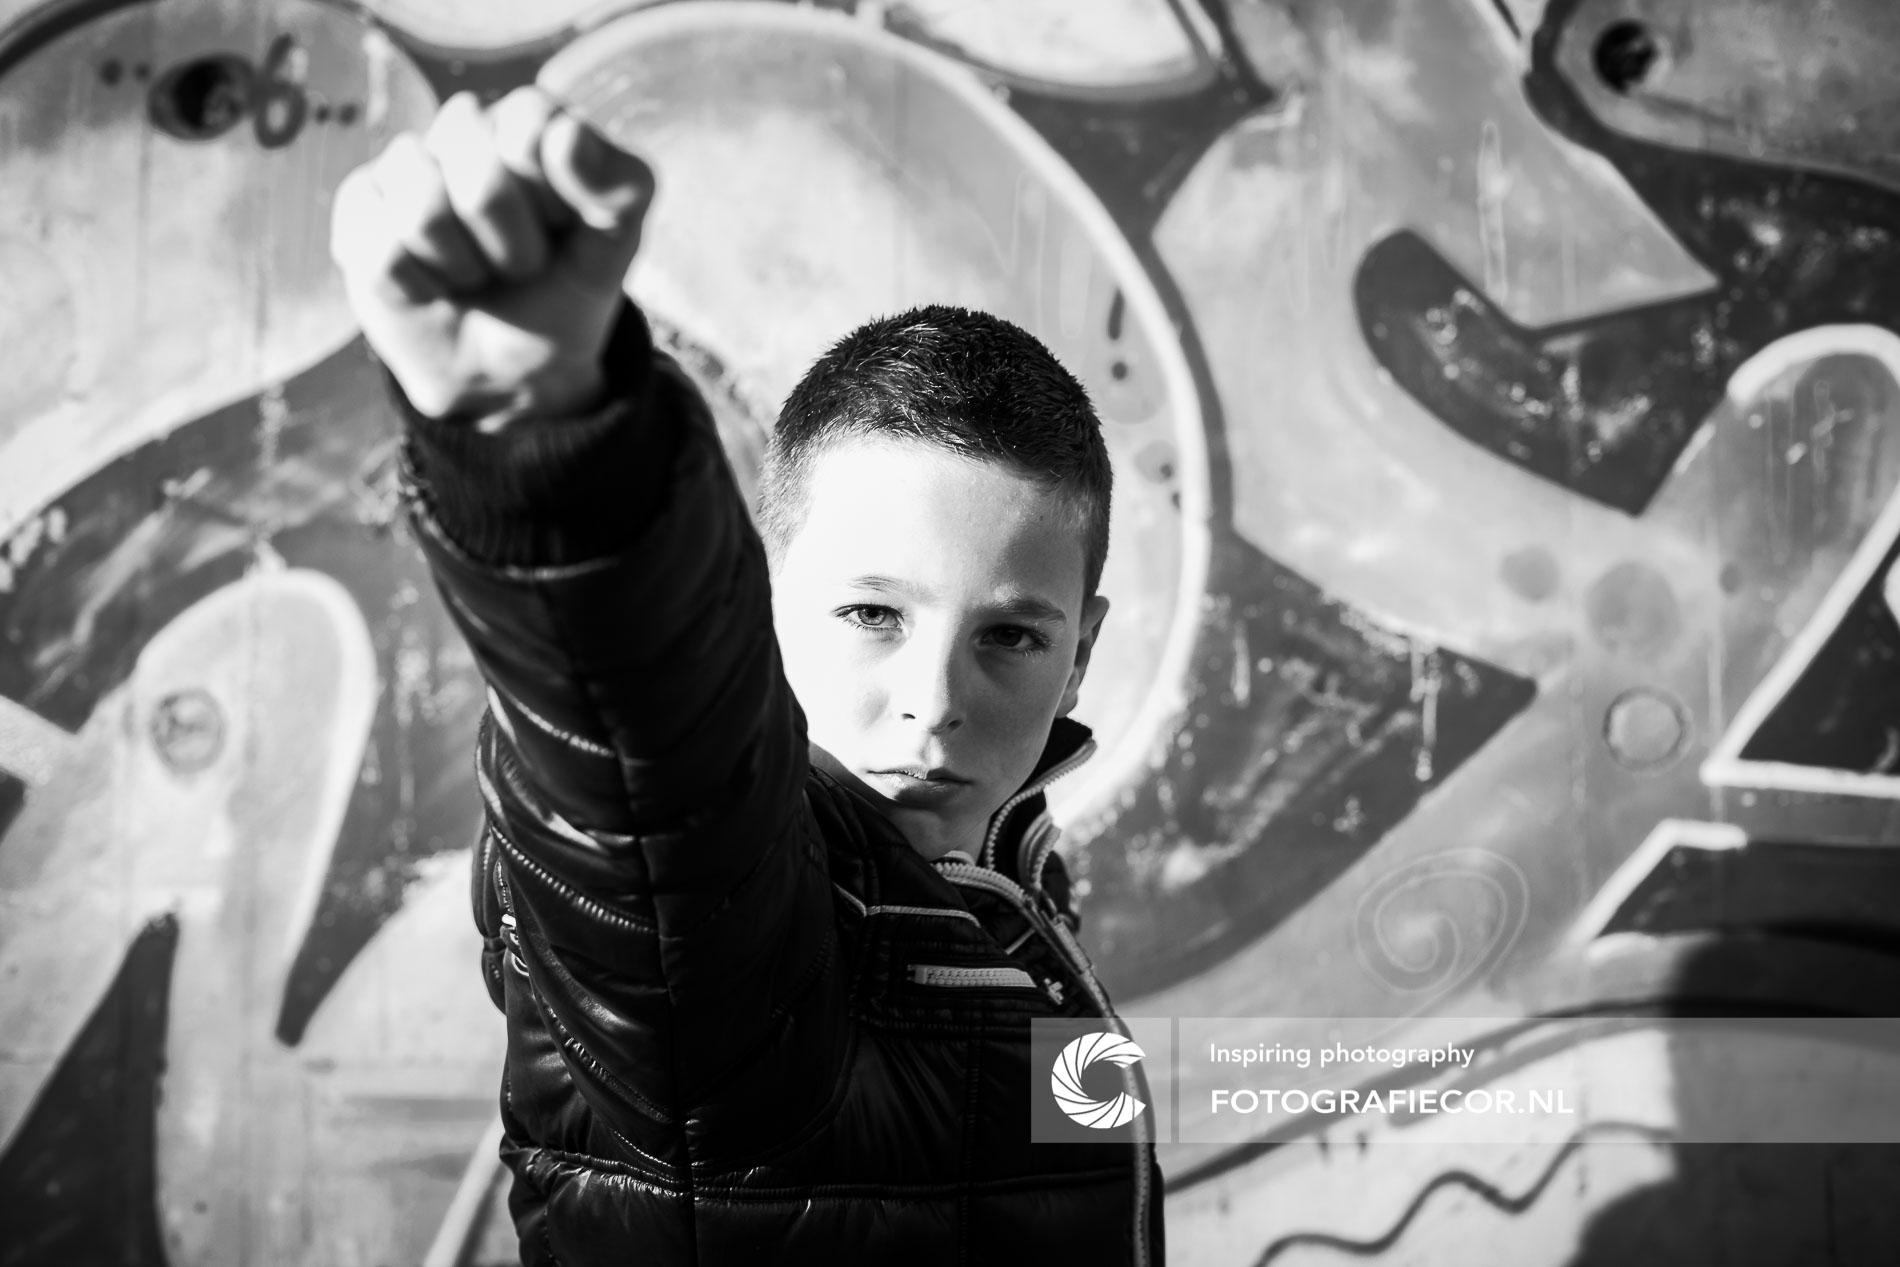 Portretfotografie buiten | Portretfotografie | Leuke fotoshoot kinderen